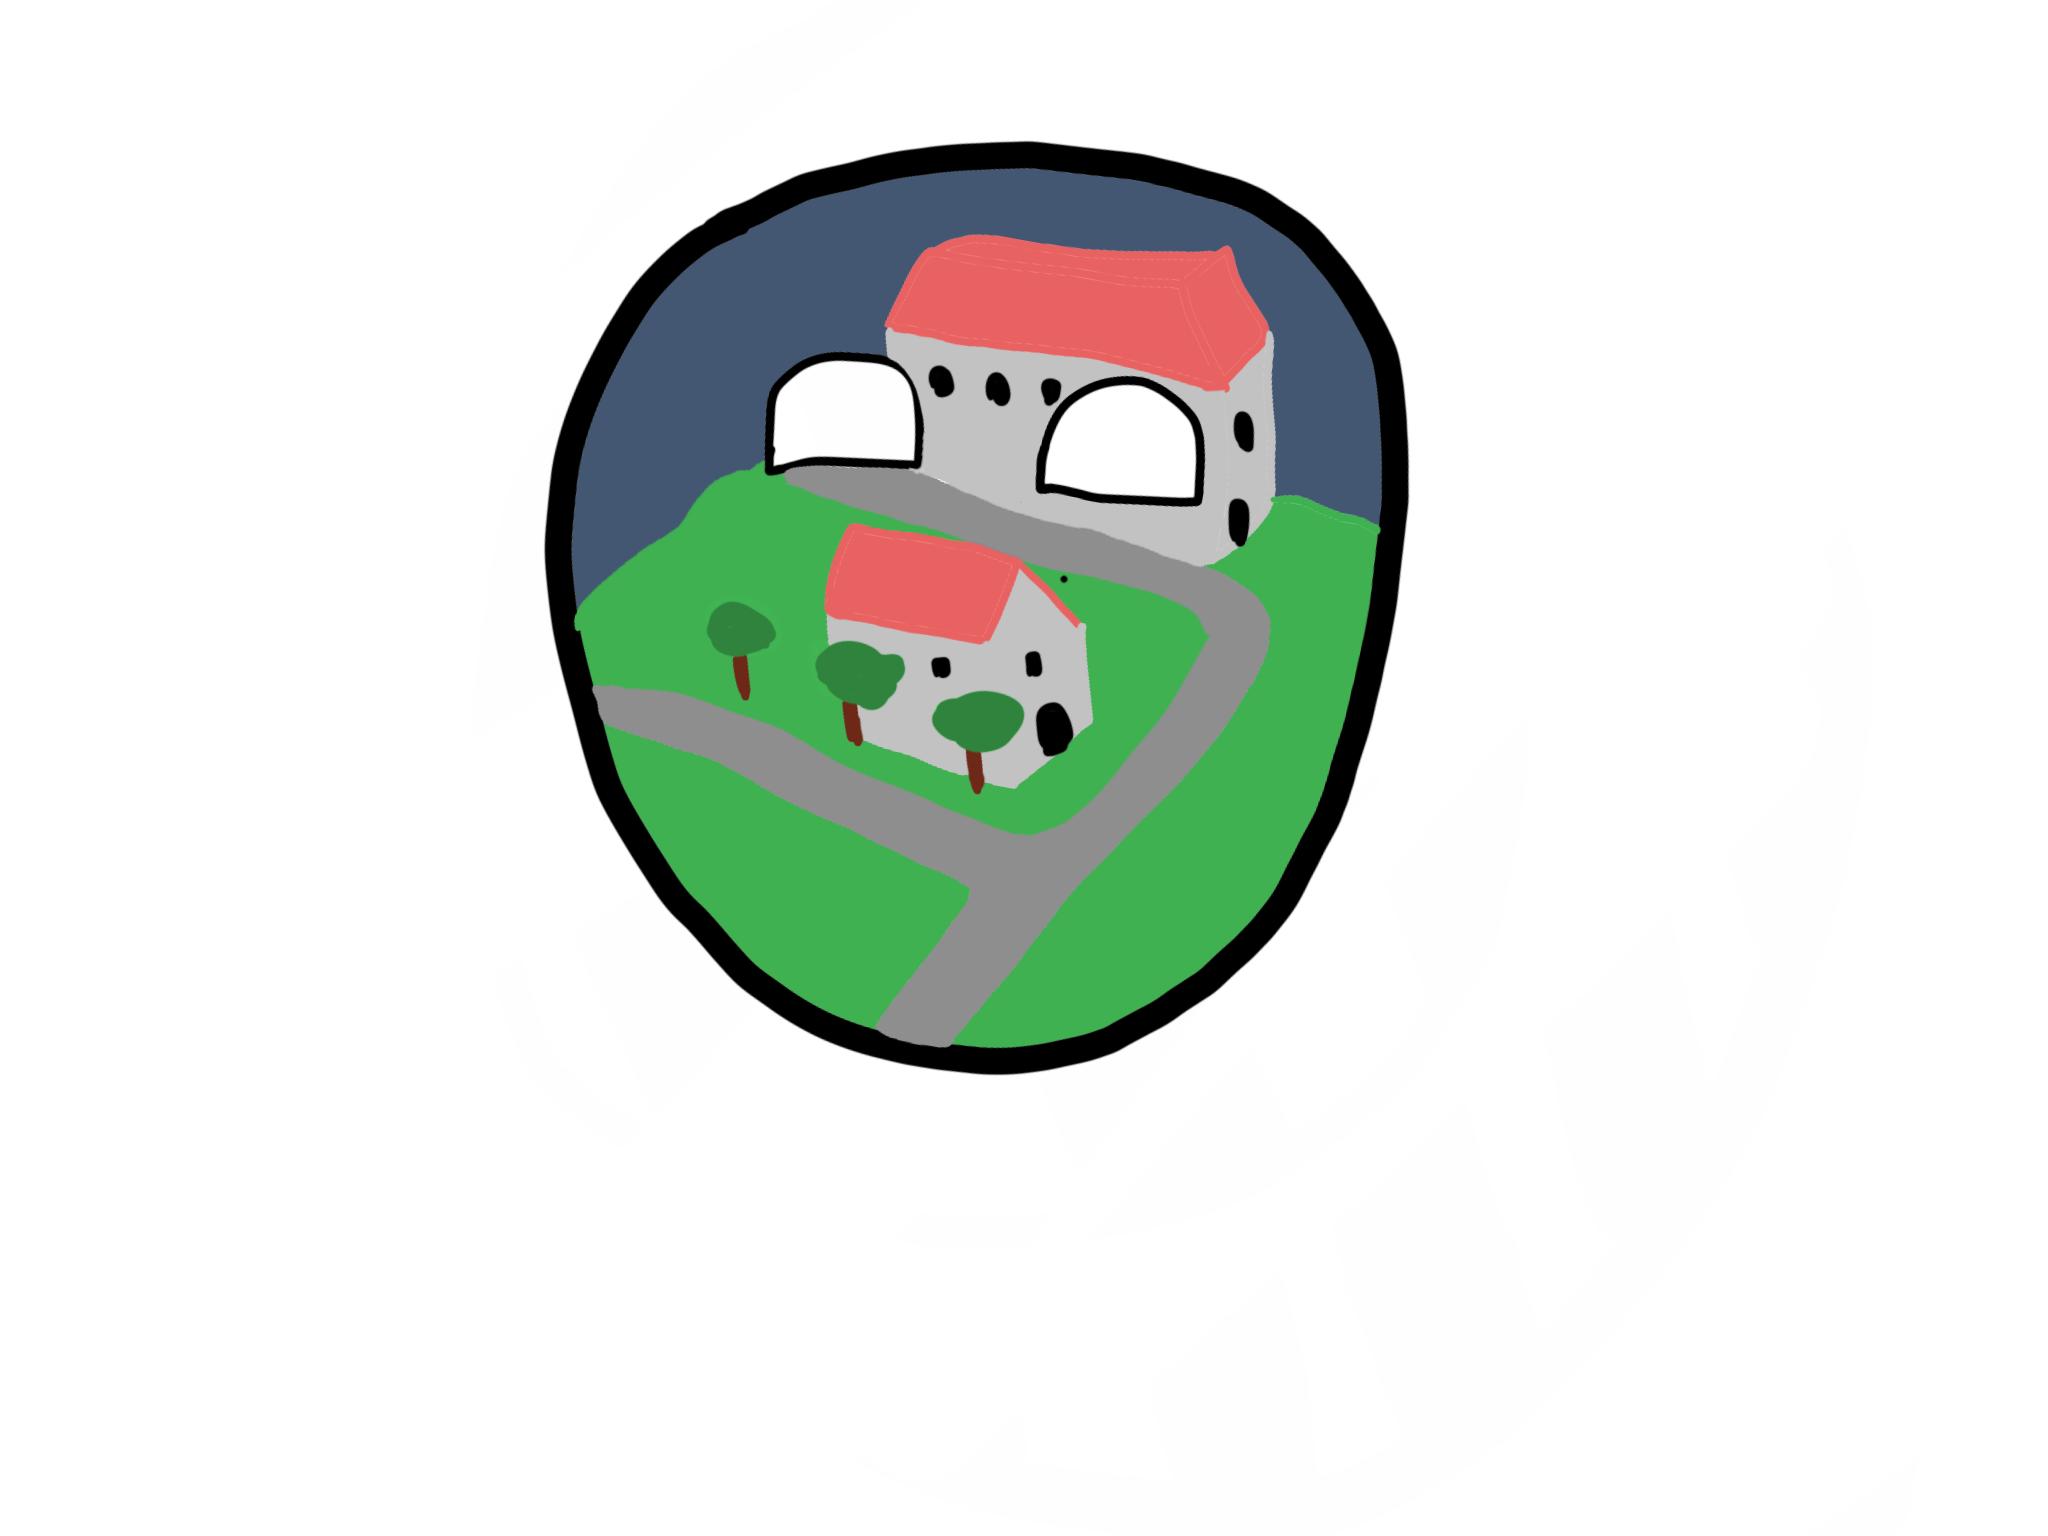 Bulgarograssoball